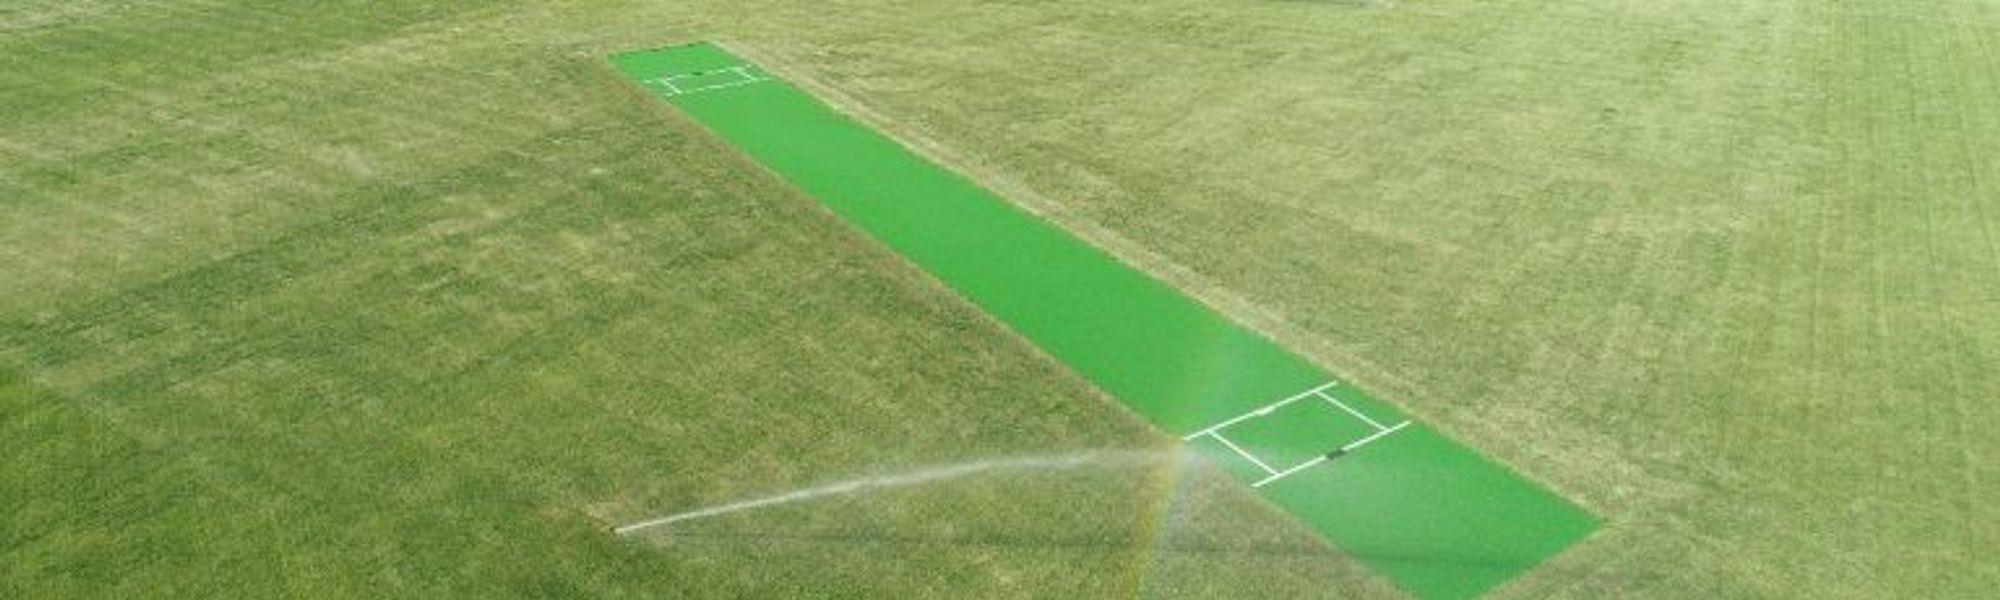 Kaizuka Cricket Field